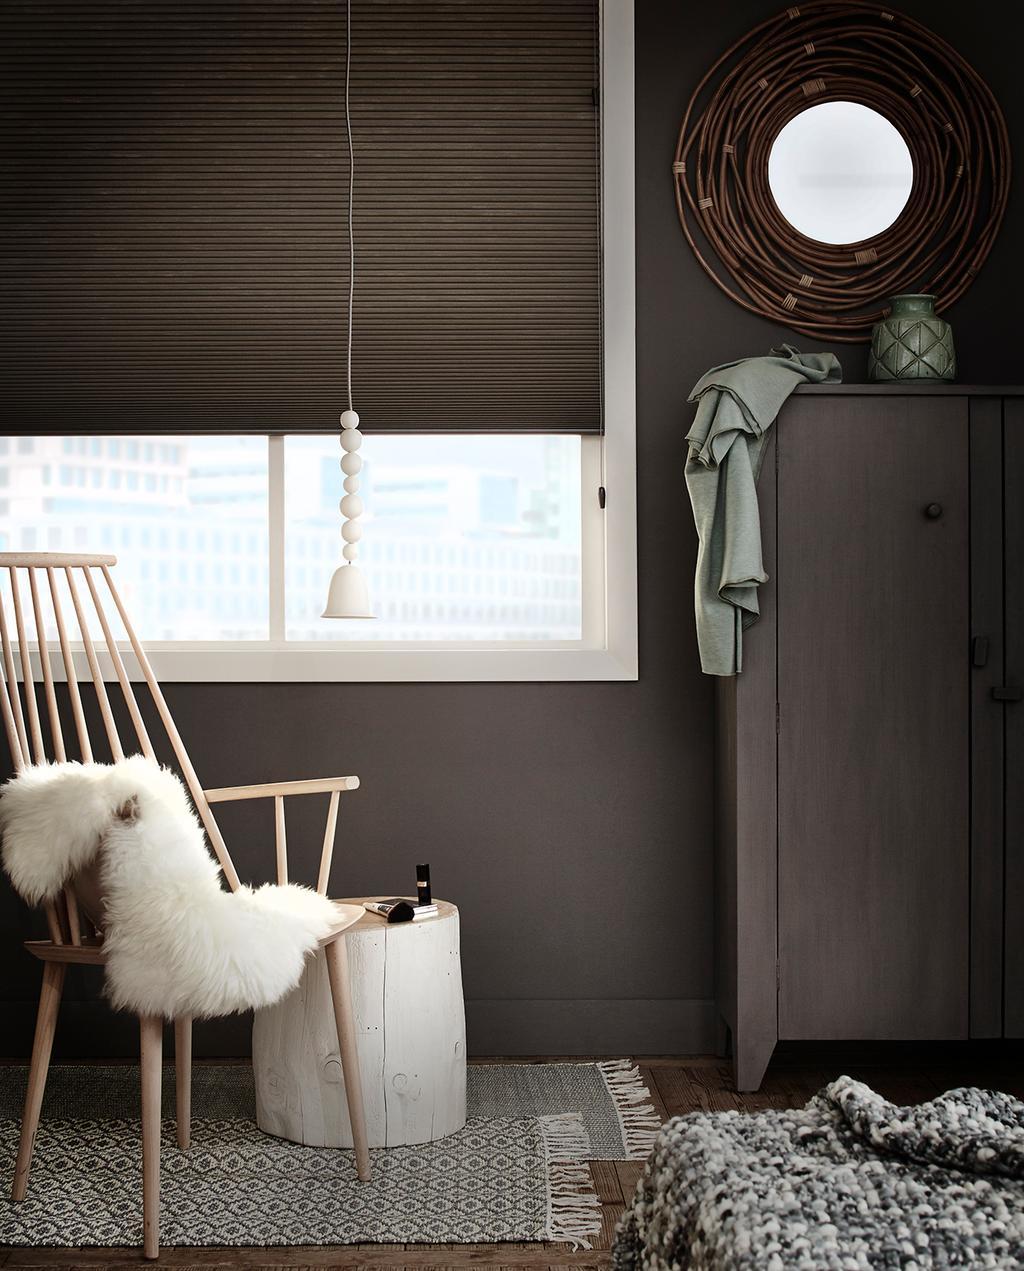 Raamdecoratie afstemmen op iedere ruimte in huis: zó doe je dat - Trendiy